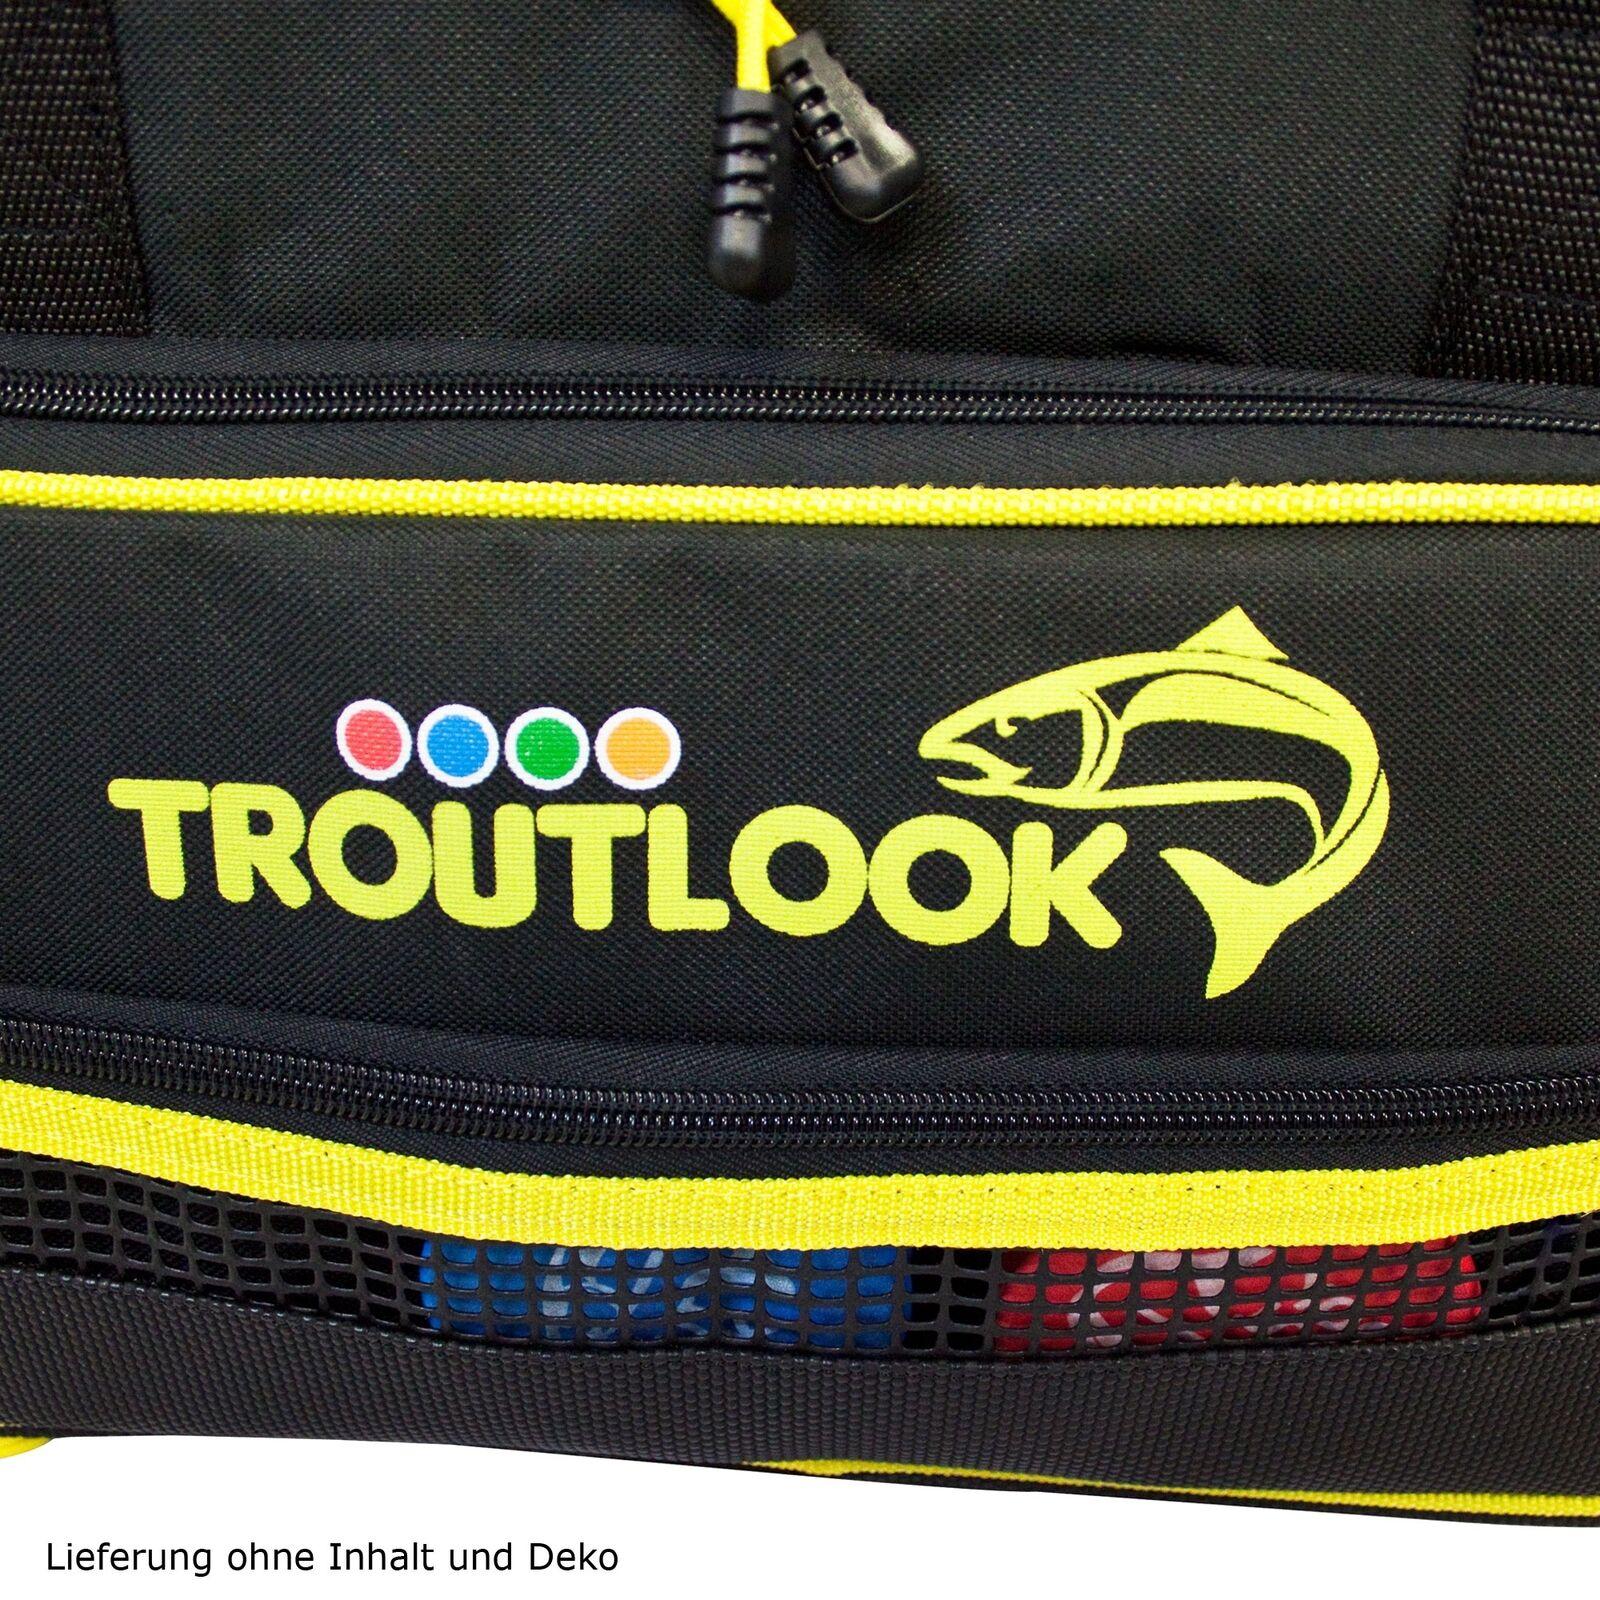 Troutlook Troutlook Troutlook Forellentasche für Troutbait Tremarella Zubehör Tasche Angeltasche 7af9d0